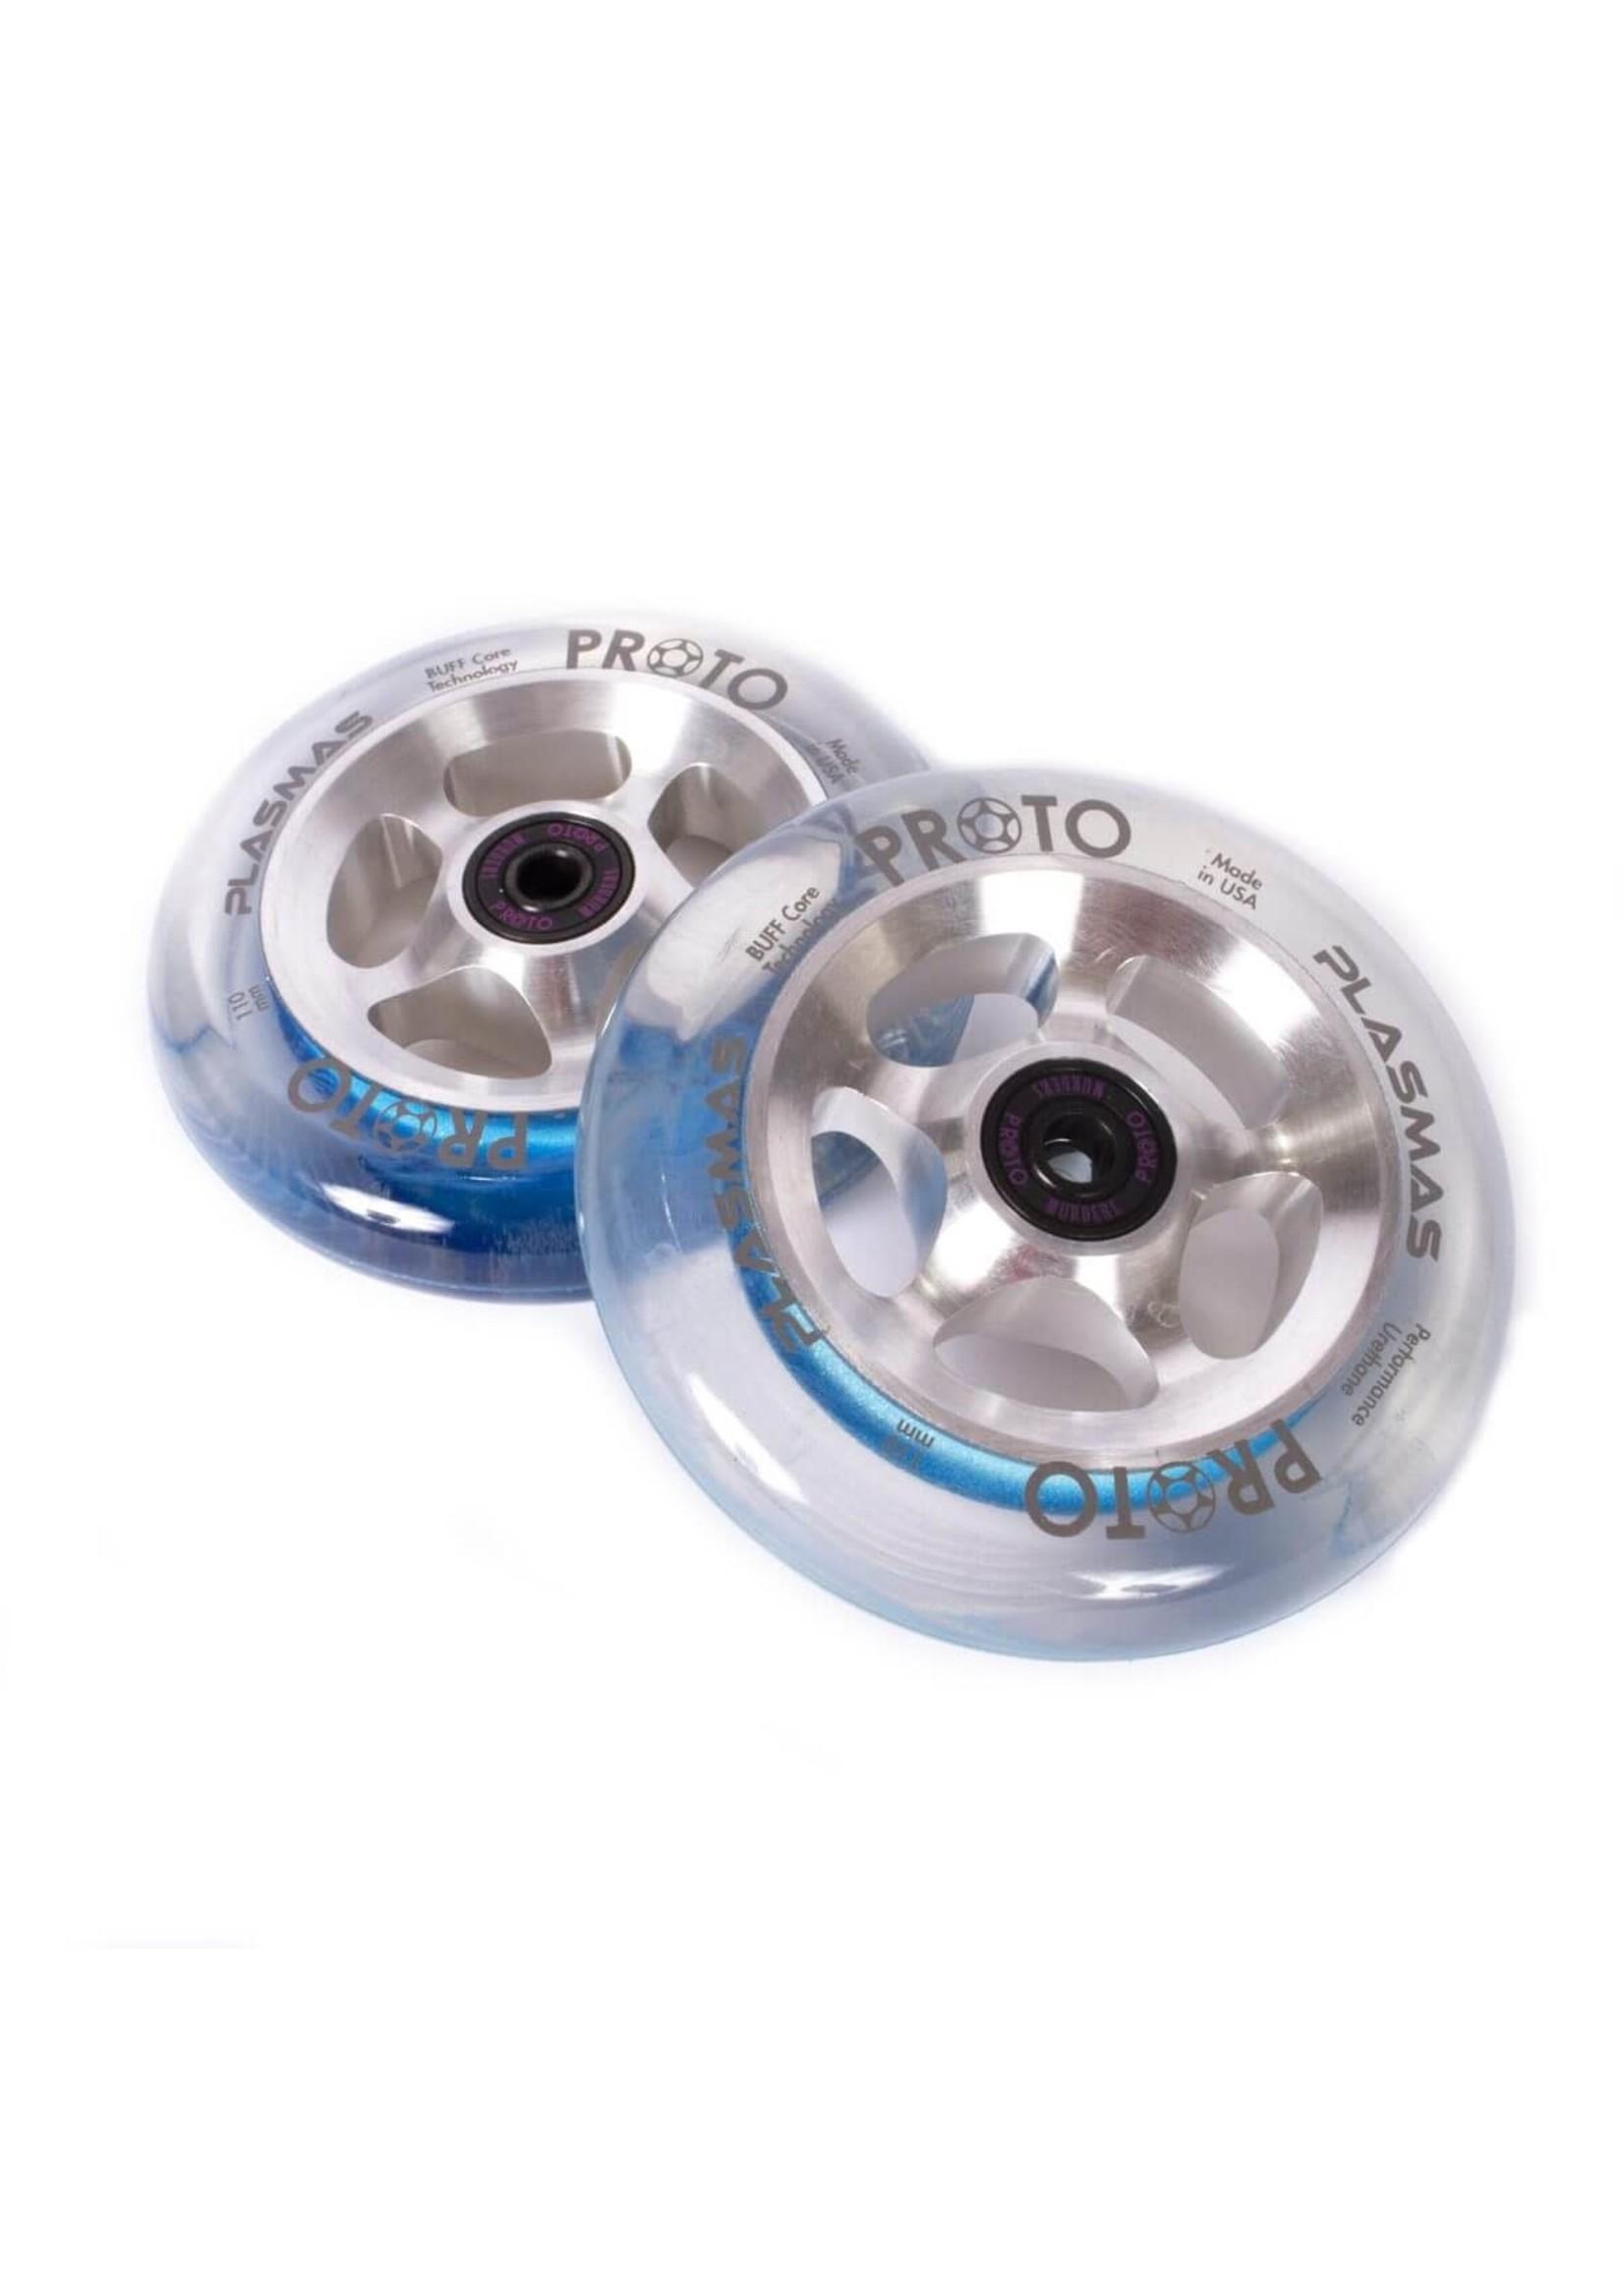 Proto Proto - Plasmas - 110mm